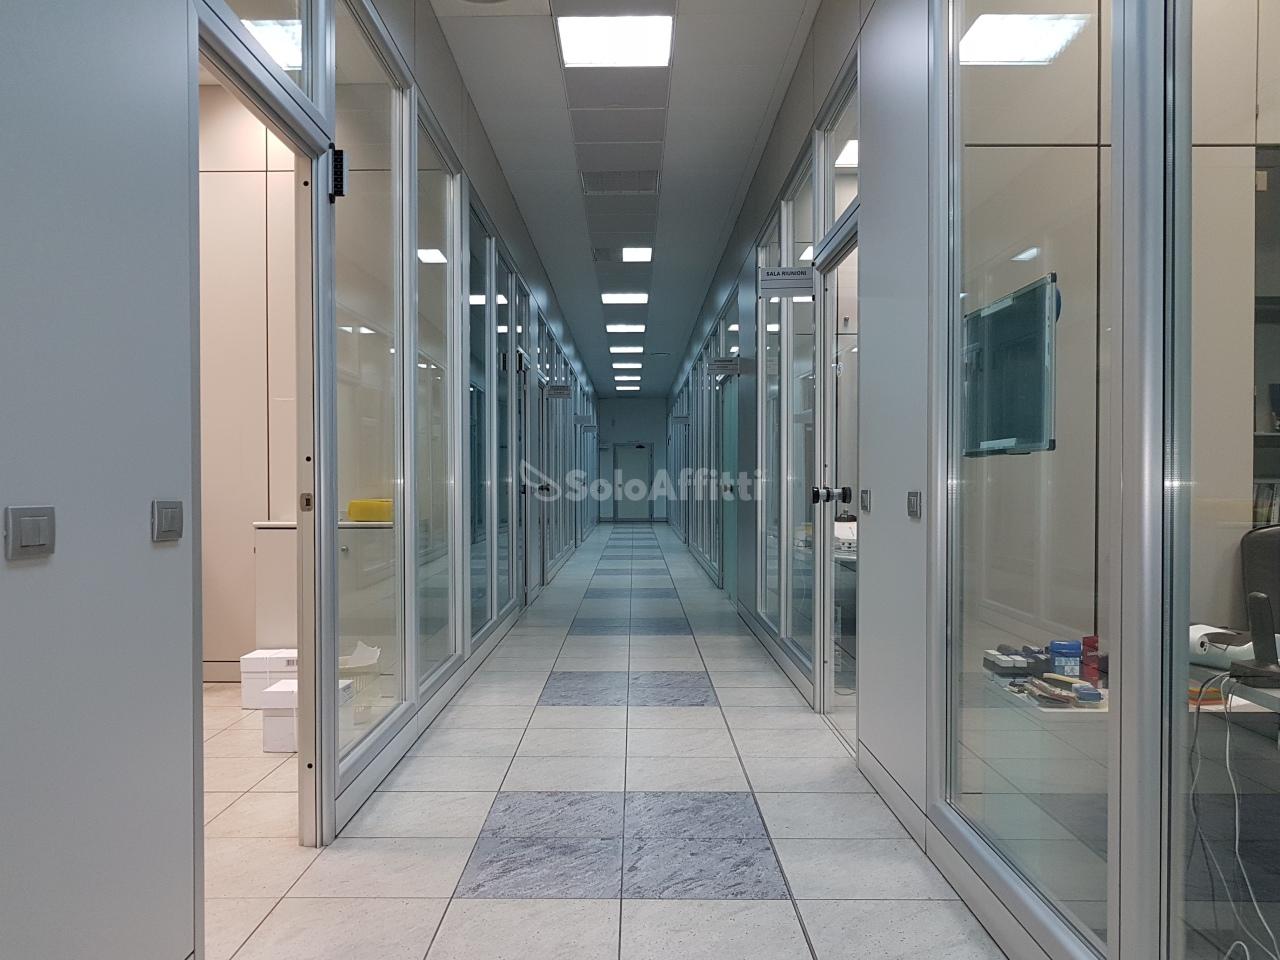 Ufficio - 1 locale a Santa Maria di Catanzaro, Catanzaro Rif. 5507575